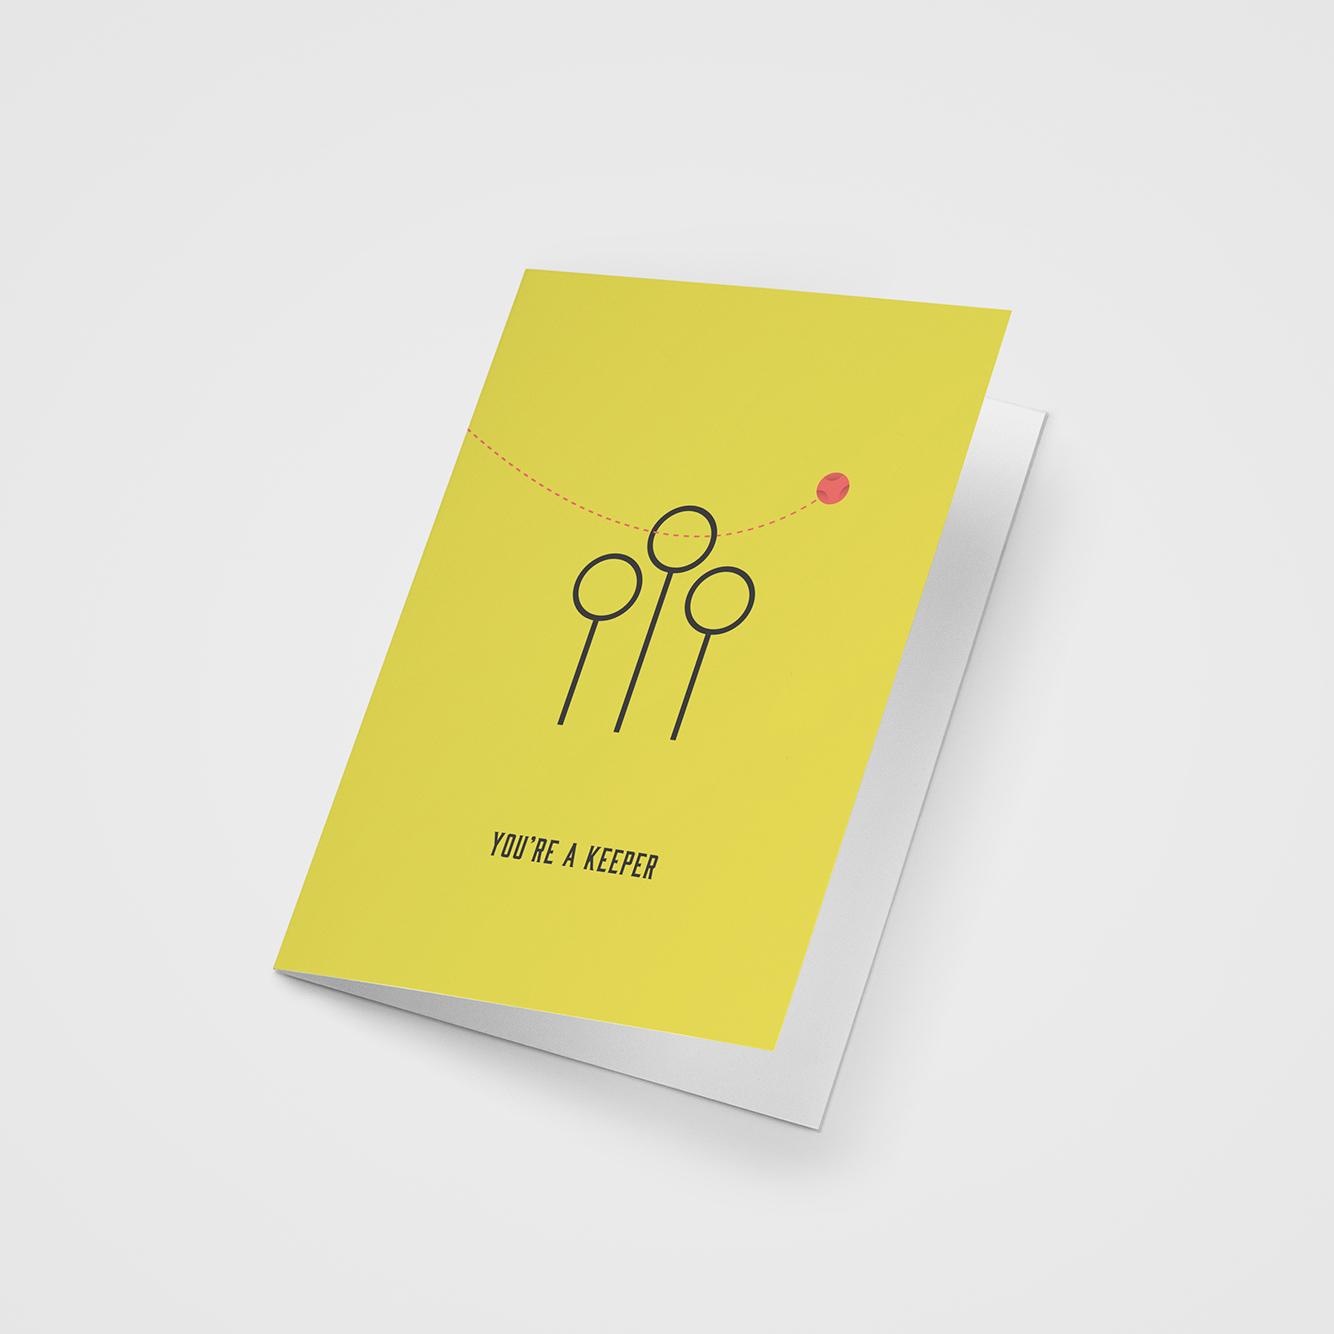 Card Mockup v2 Grey 1.jpg